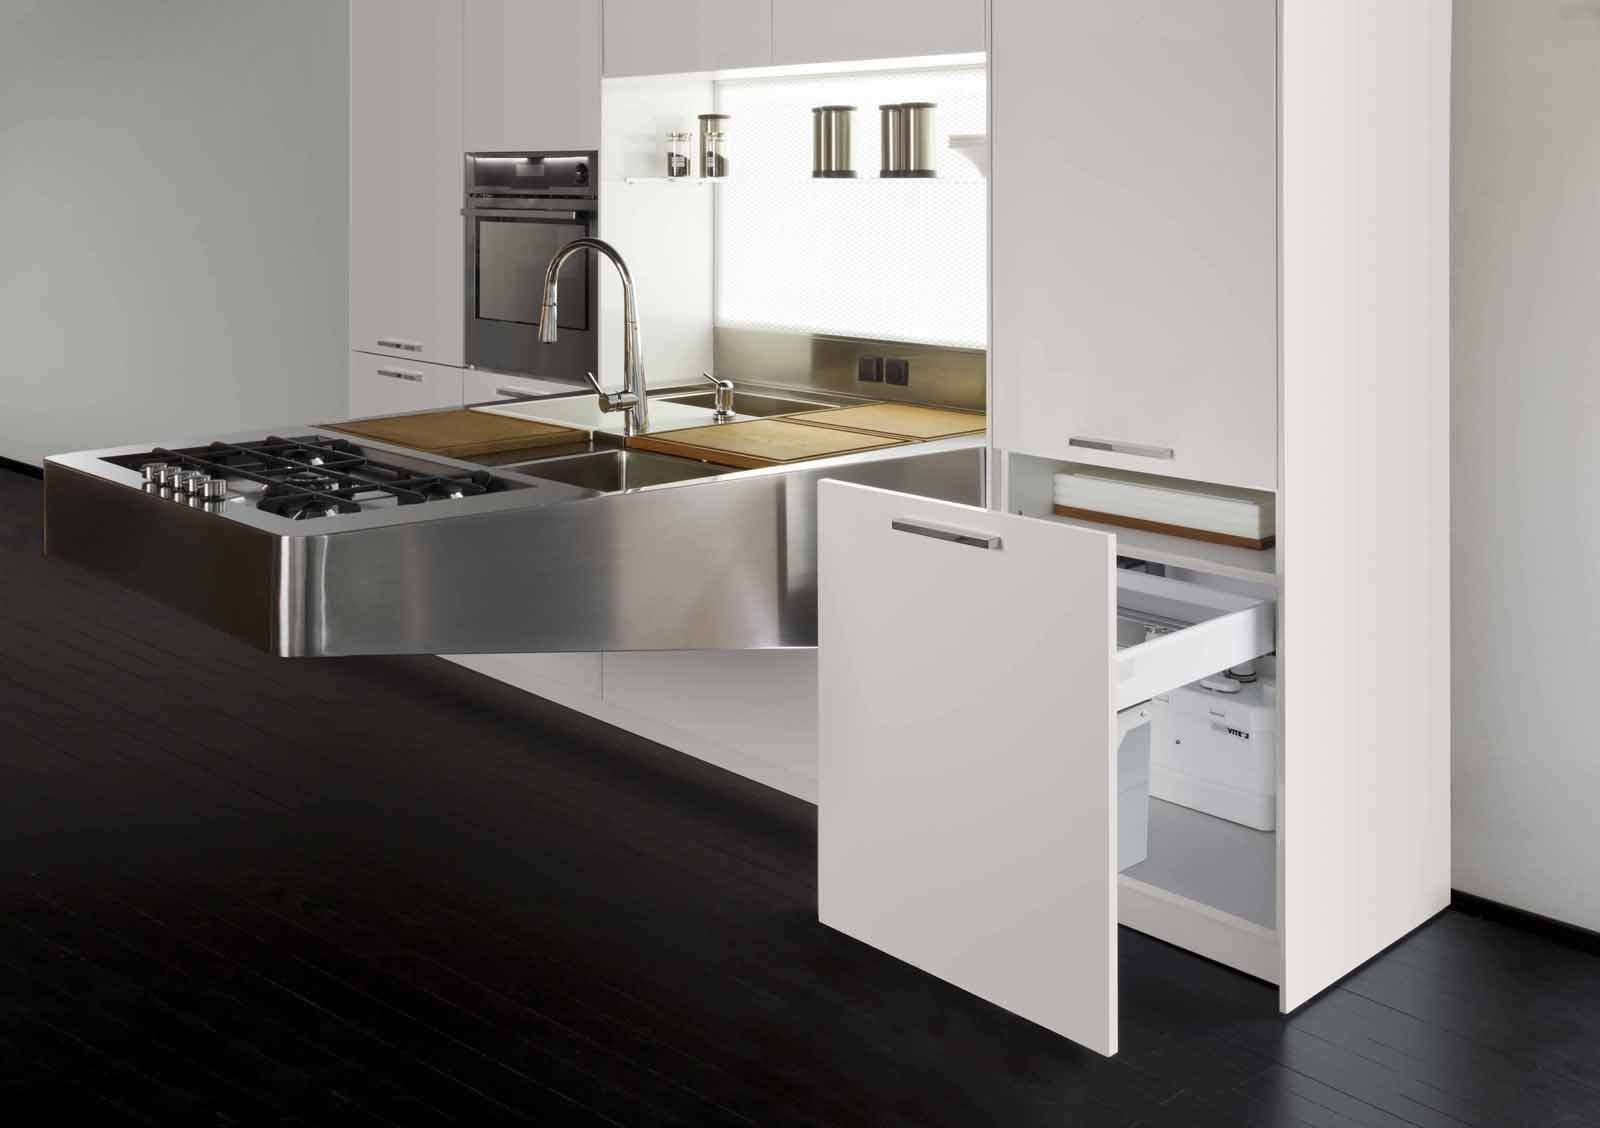 Cucine come spostare il lavello senza lavori cose di casa - Lavello angolare cucina ...